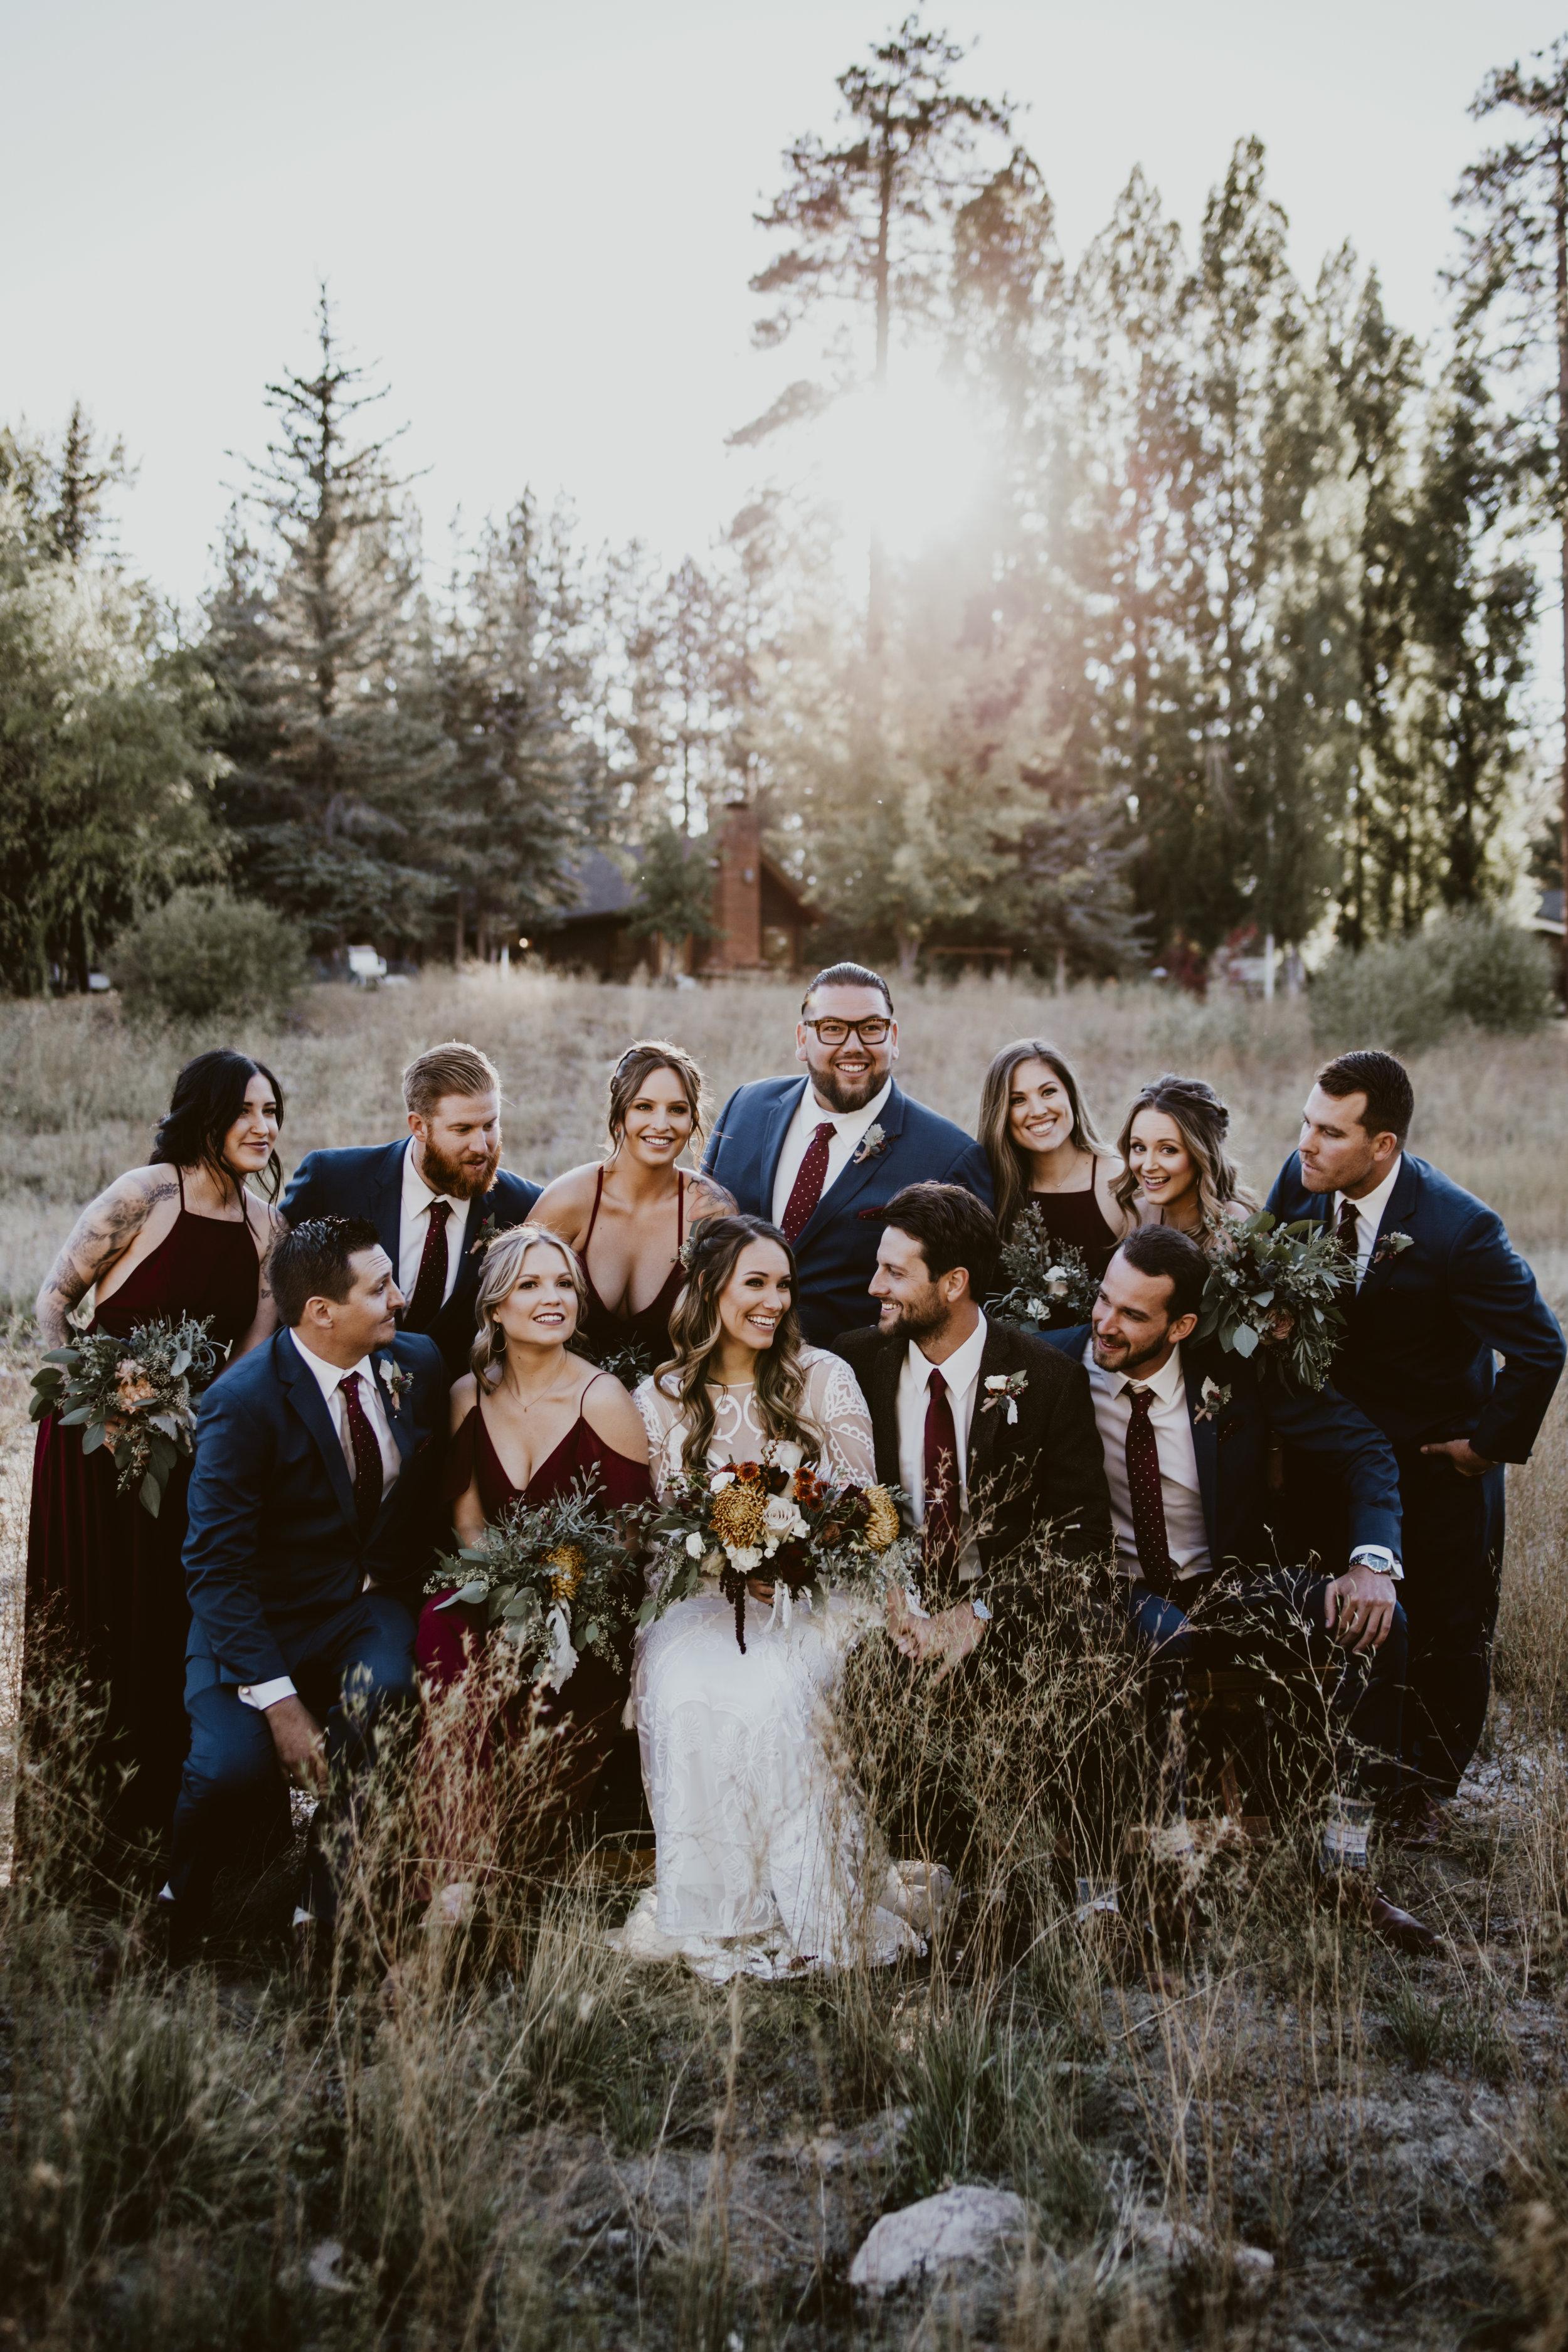 URIELPHOTOGRAPHYTravis+AshleyBIGBEARWedding_461.jpg